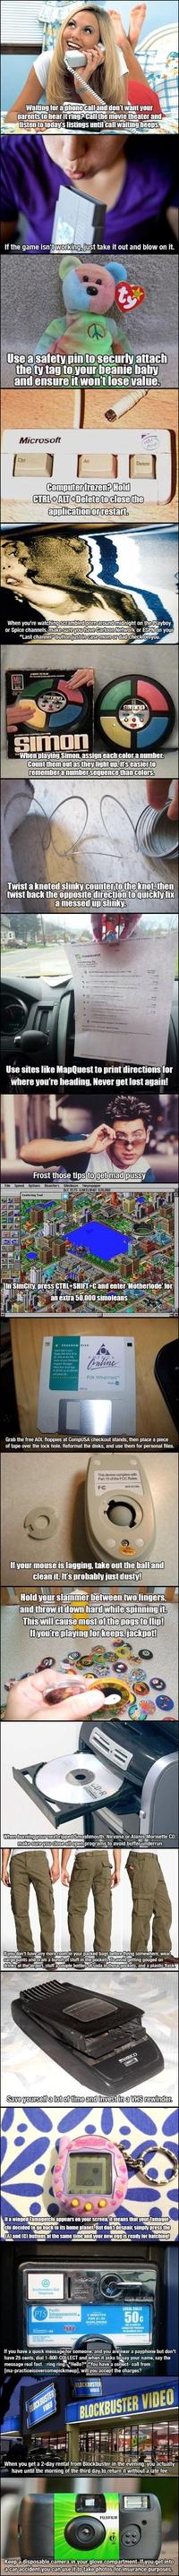 Bienvenue dans les 90's !